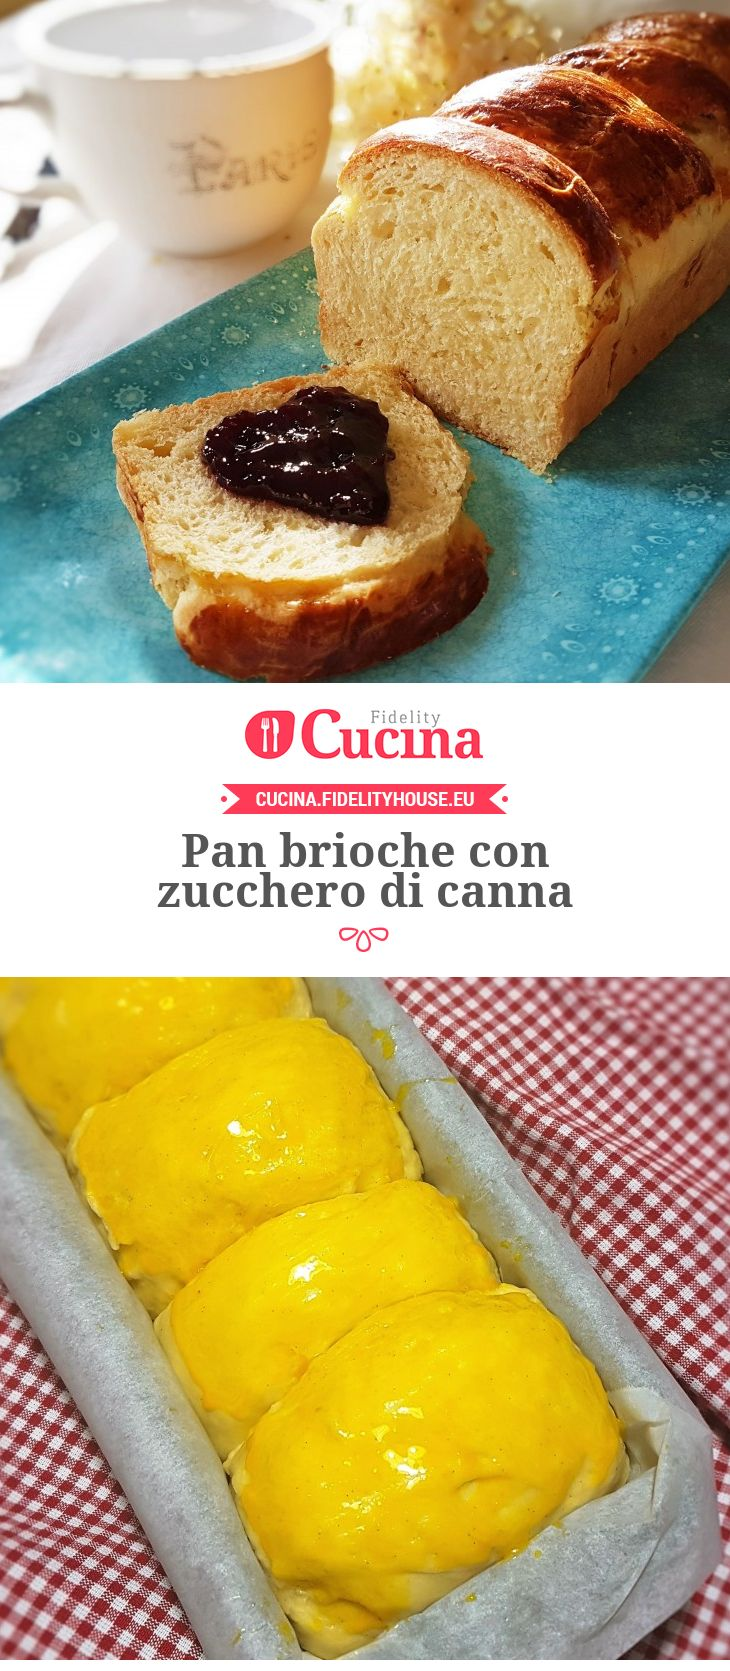 Pan #brioche con zucchero di canna della nostra utente Grazia. Unisciti alla nostra Community ed invia le tue ricette!